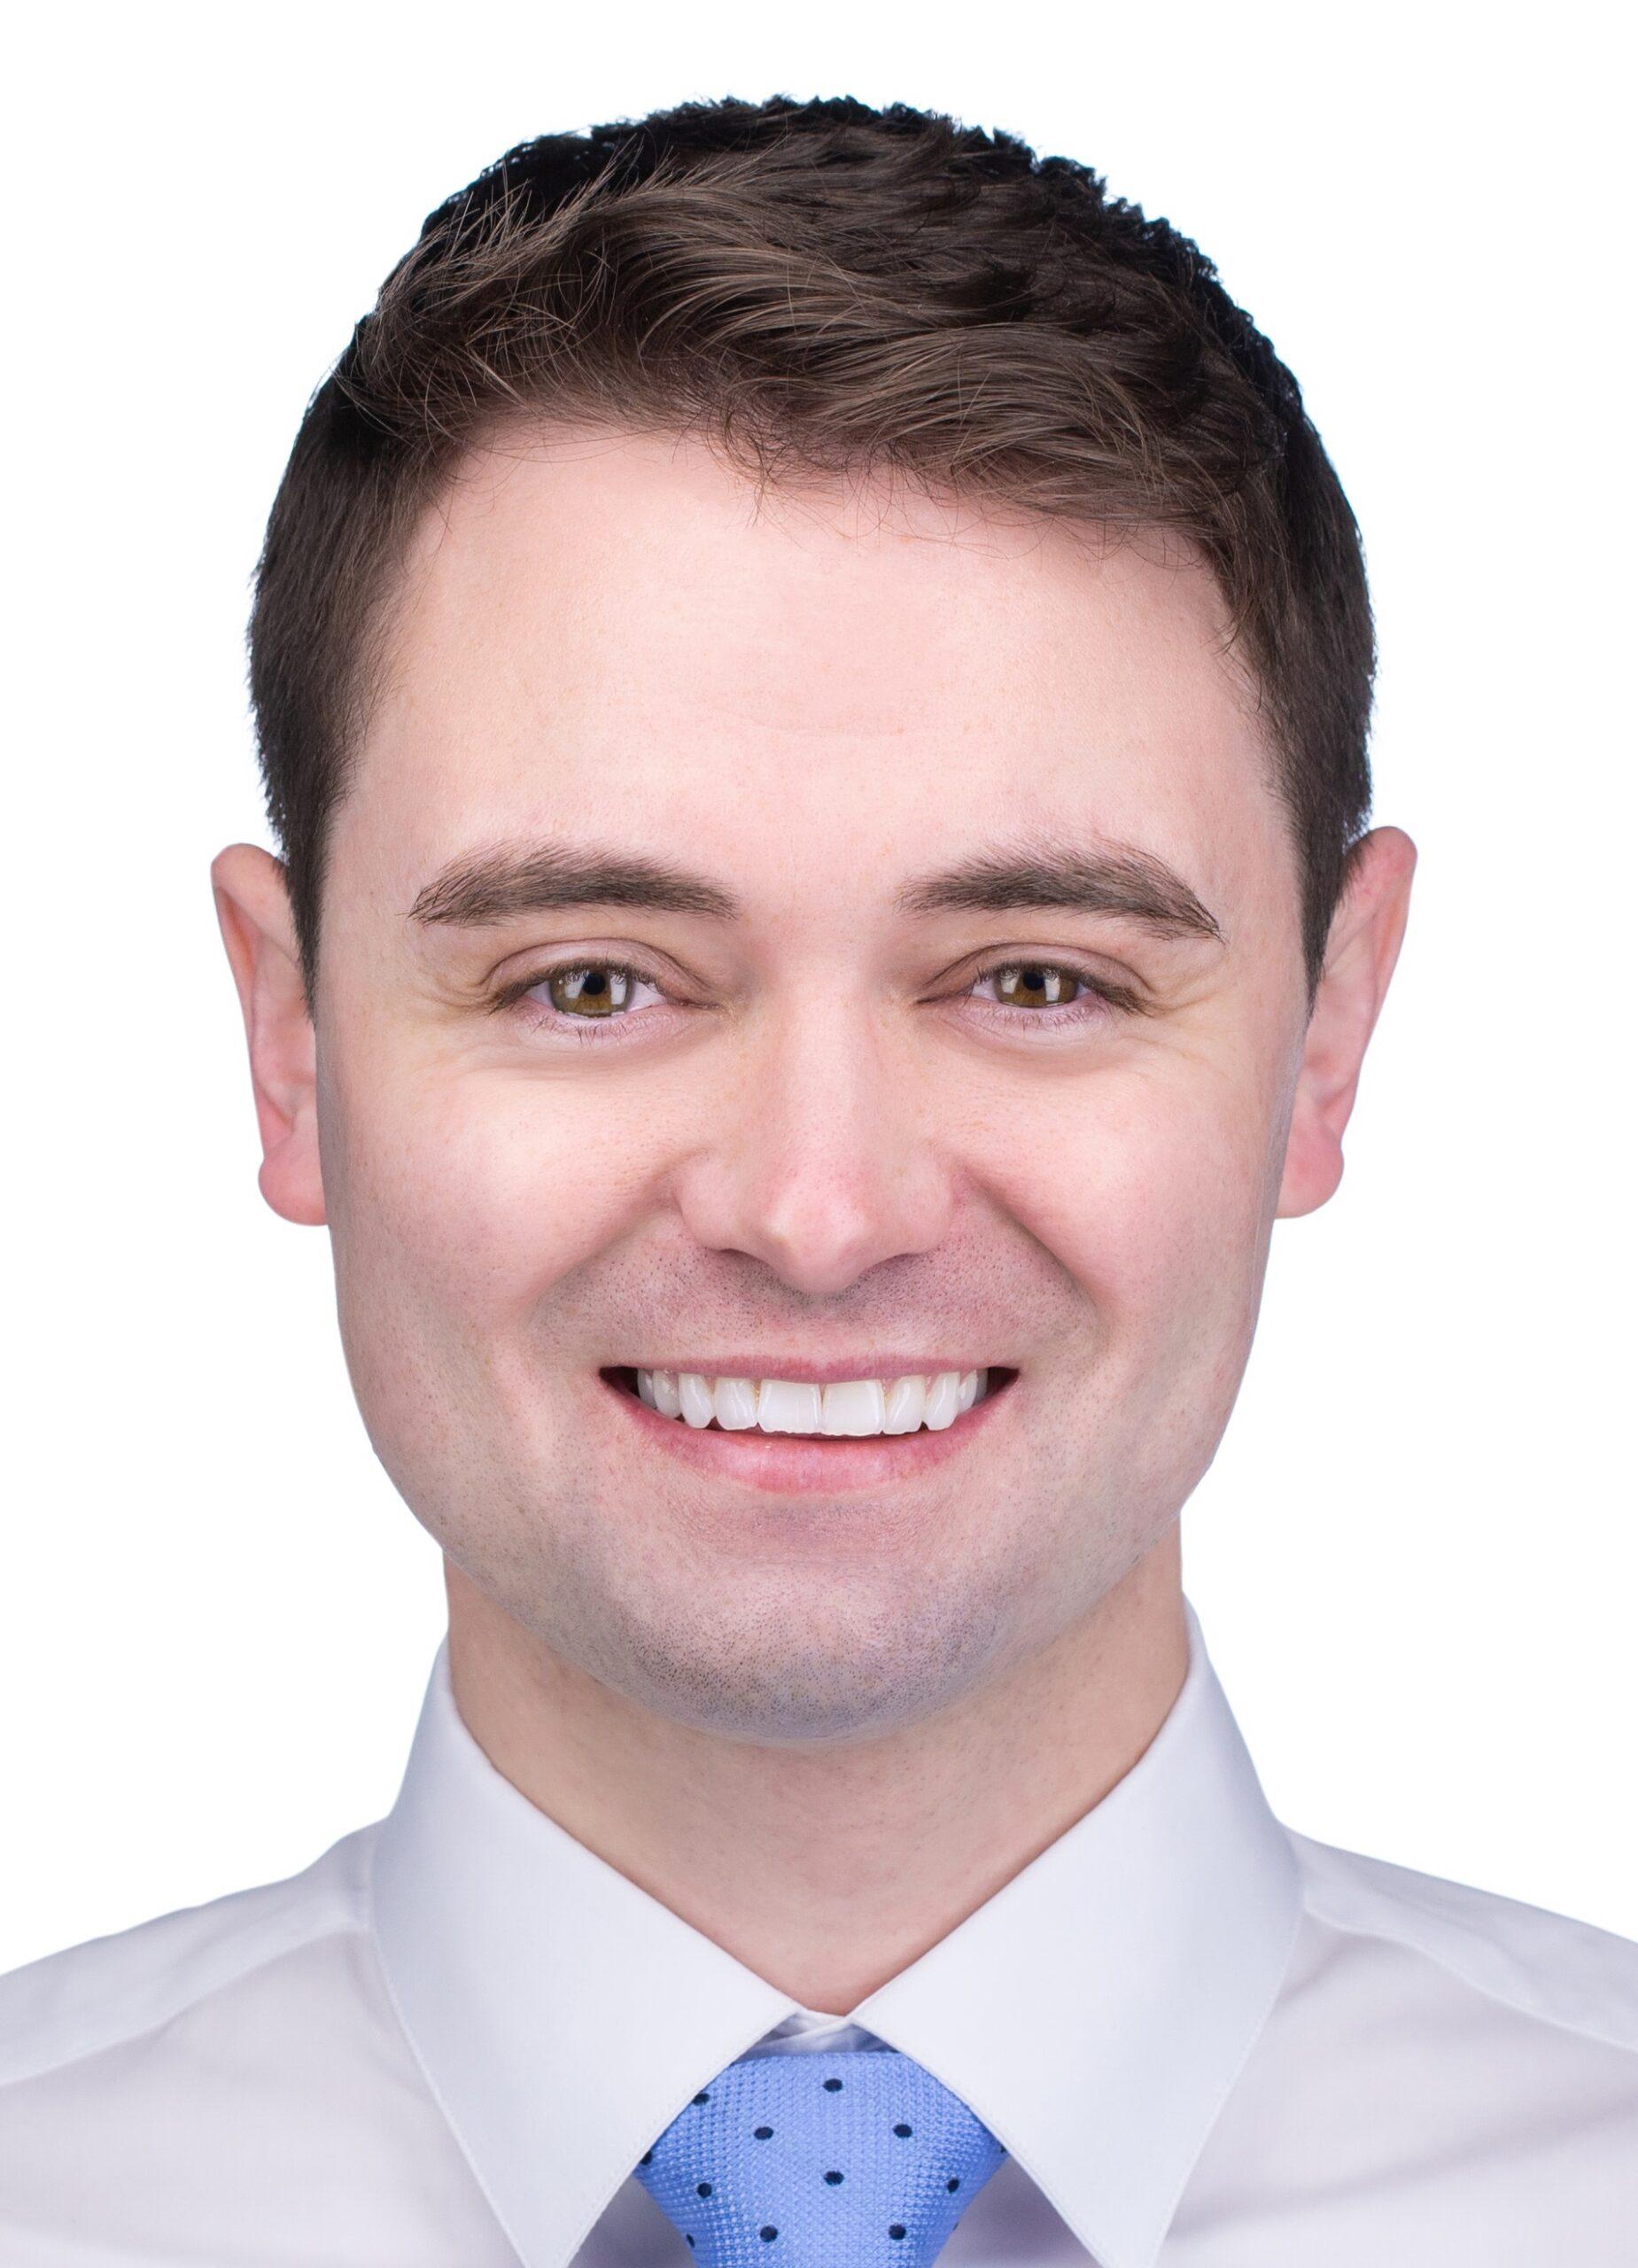 Cllr Colm O'Rourke